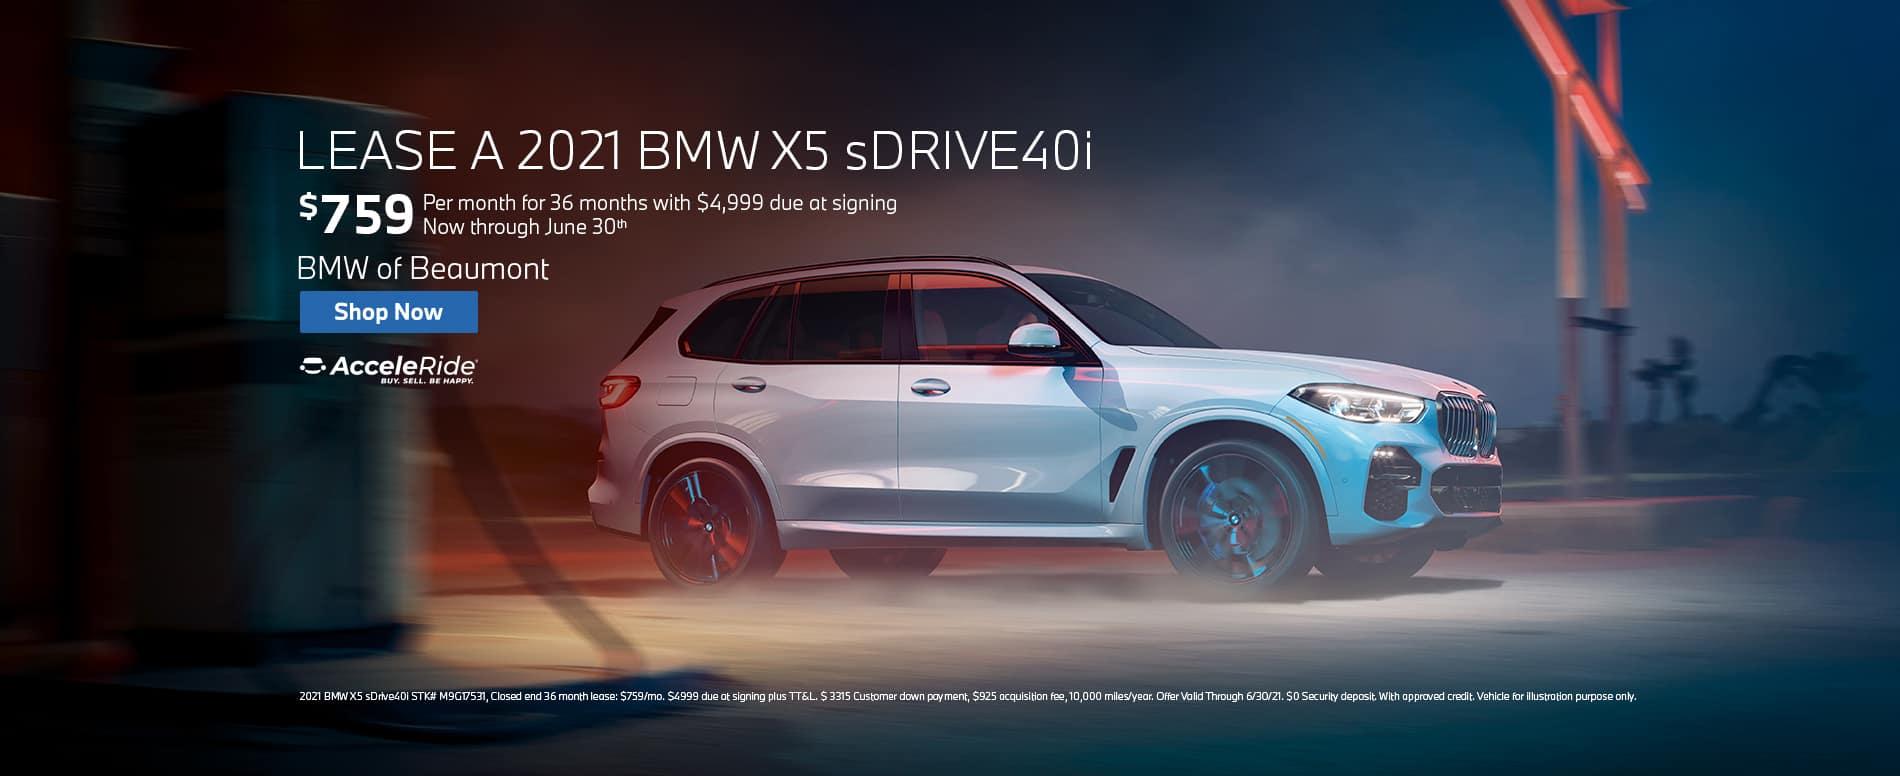 21JUN_BMWB_21X5_WB_1900x776